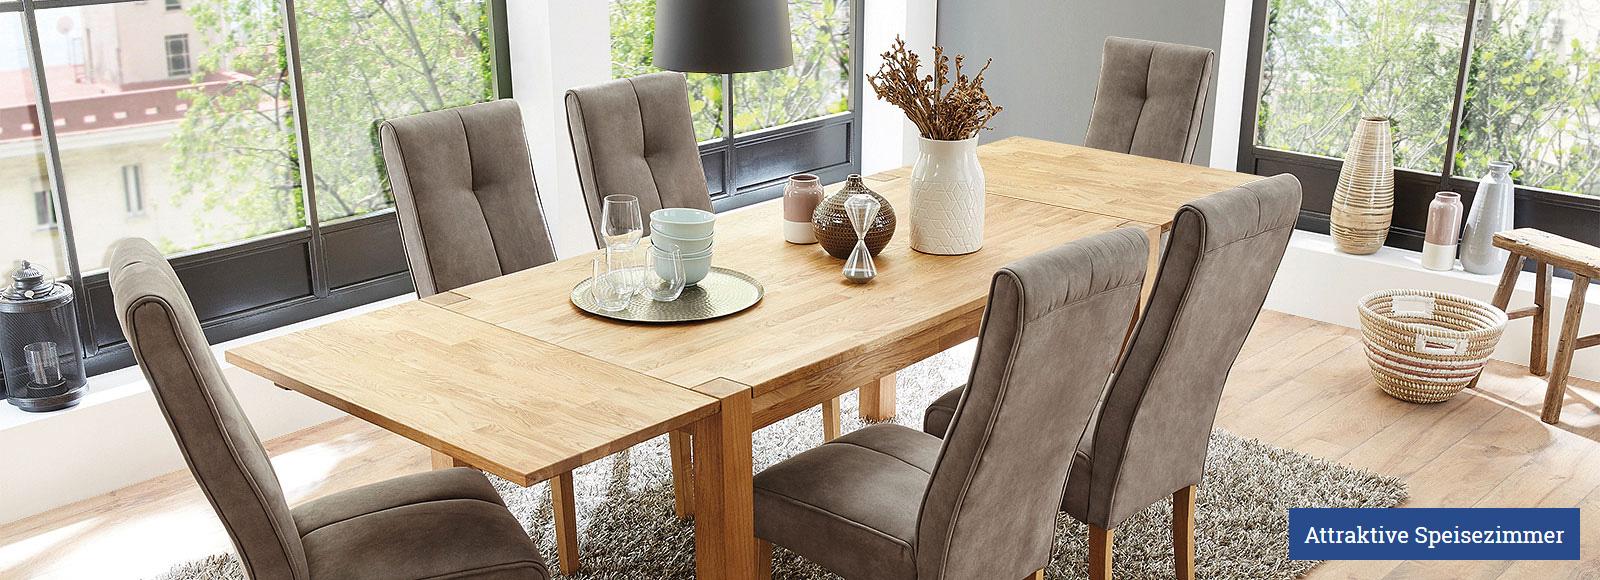 Attraktive Speisezimmer - günstig kaufen bei Kranepuhl's Optimale Möbelmärkte